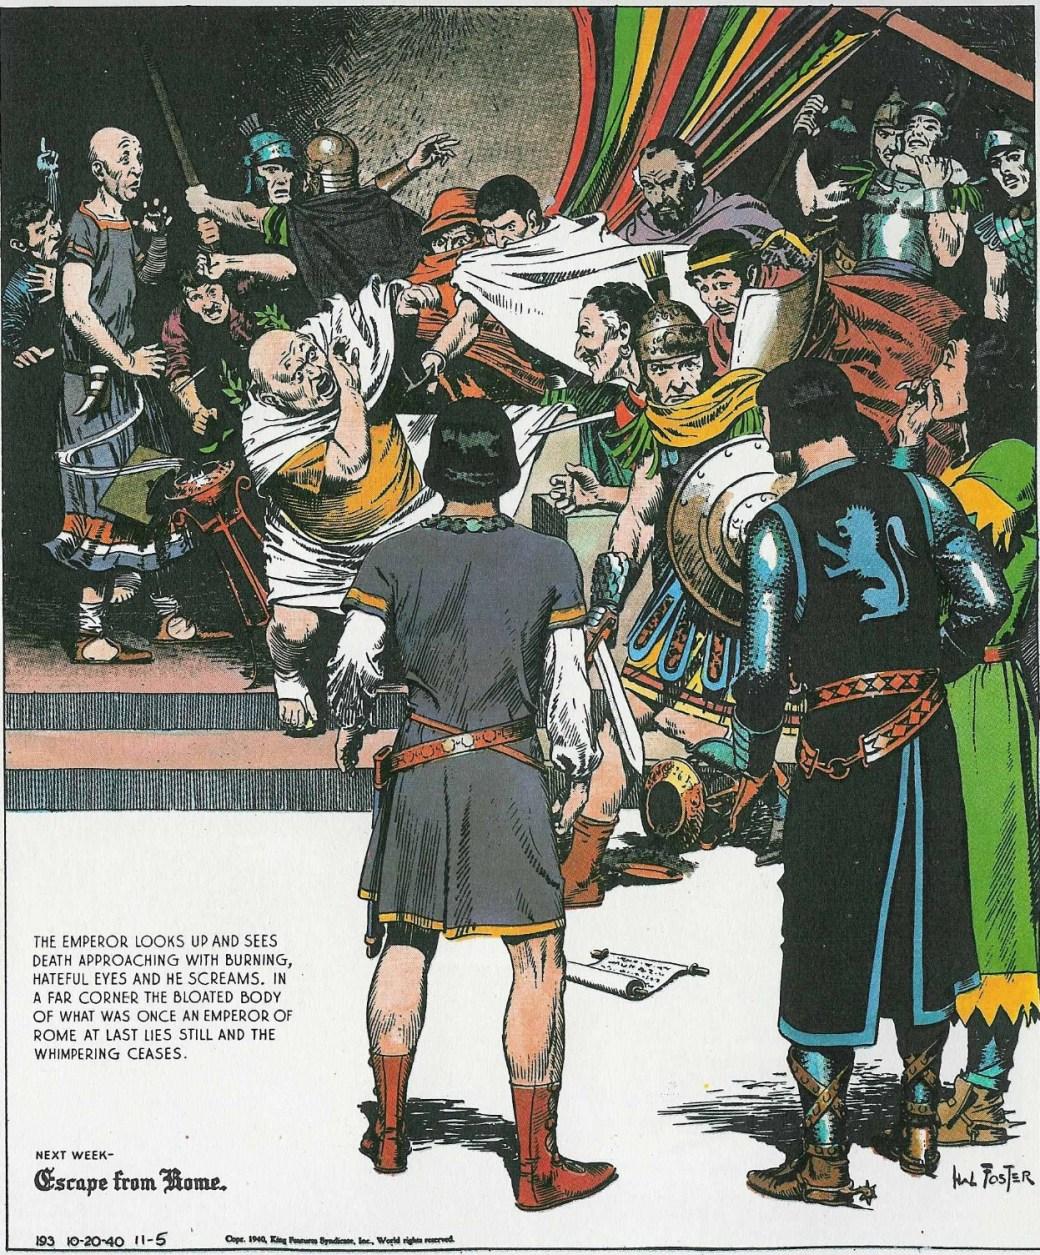 Den 20 oktober 1940 bevittnade Valiant och Sir Gawain mordet på en romersk kejsare - inte helt olikt set som drabbade Caesar